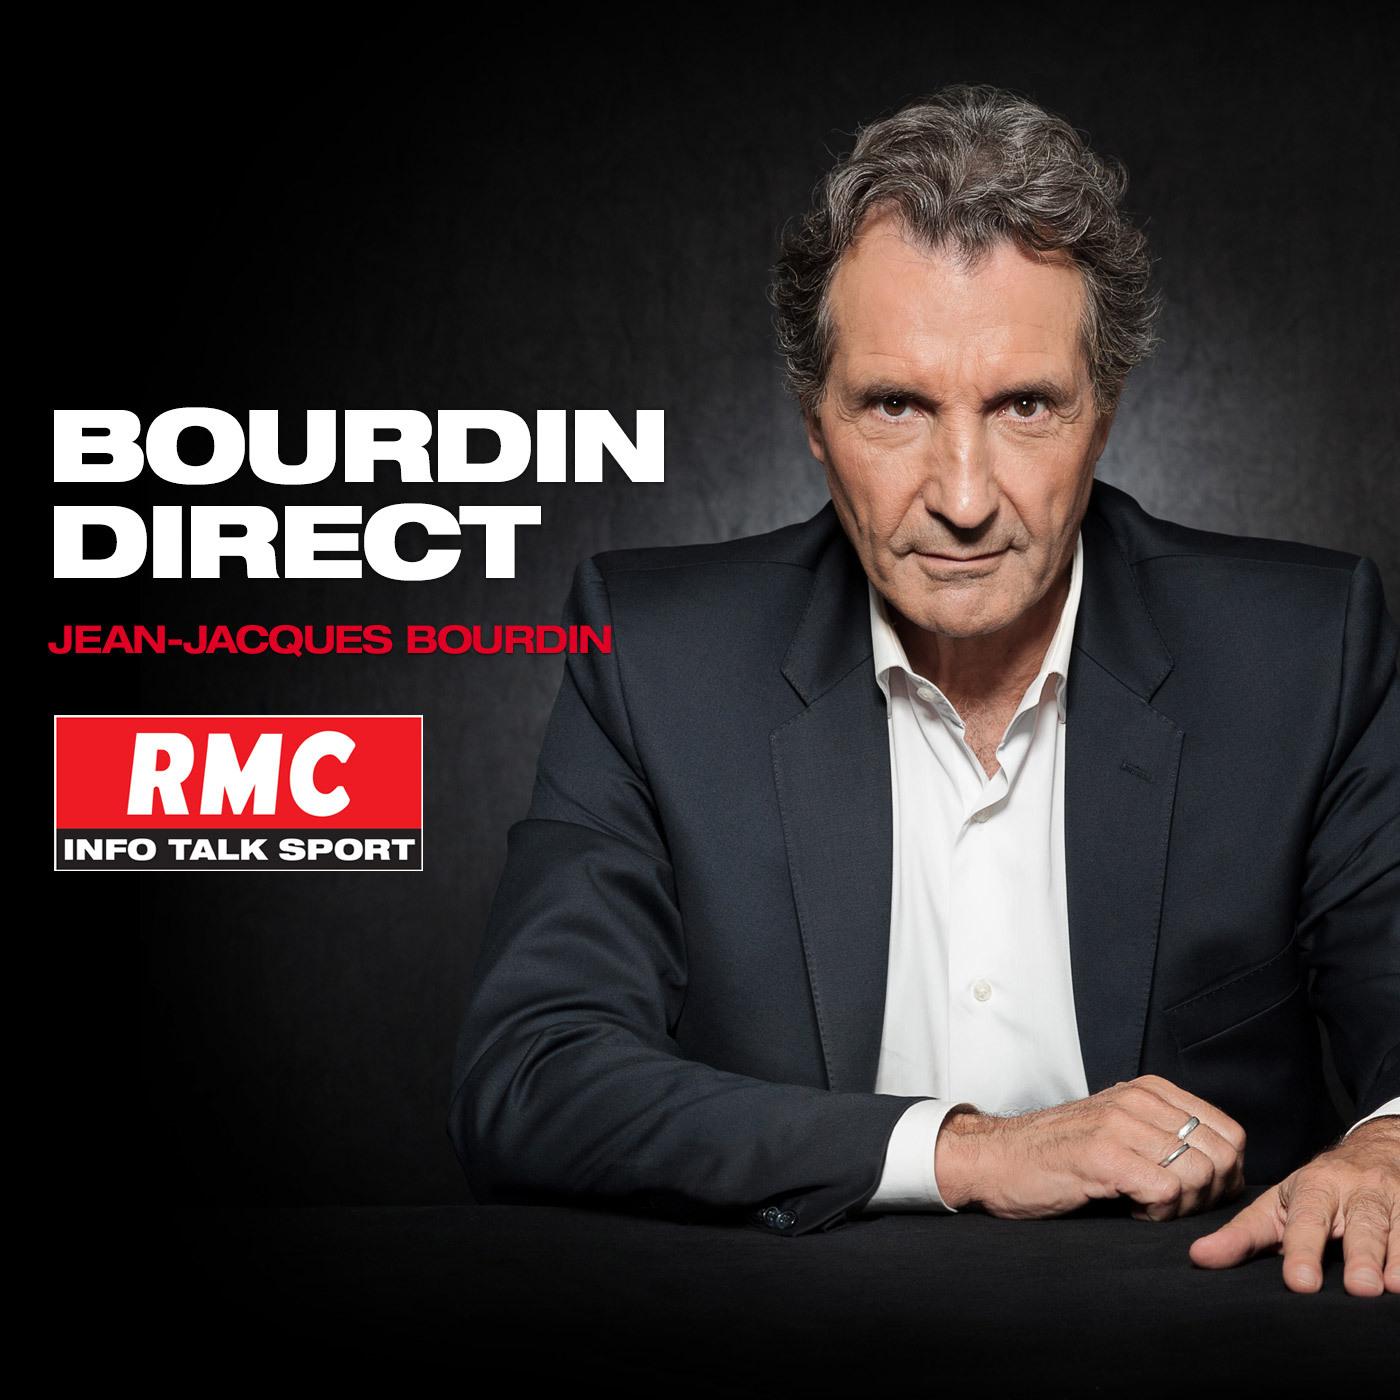 [RMC] L'UNSA invitée de Jean-Jacques BOURDIN !